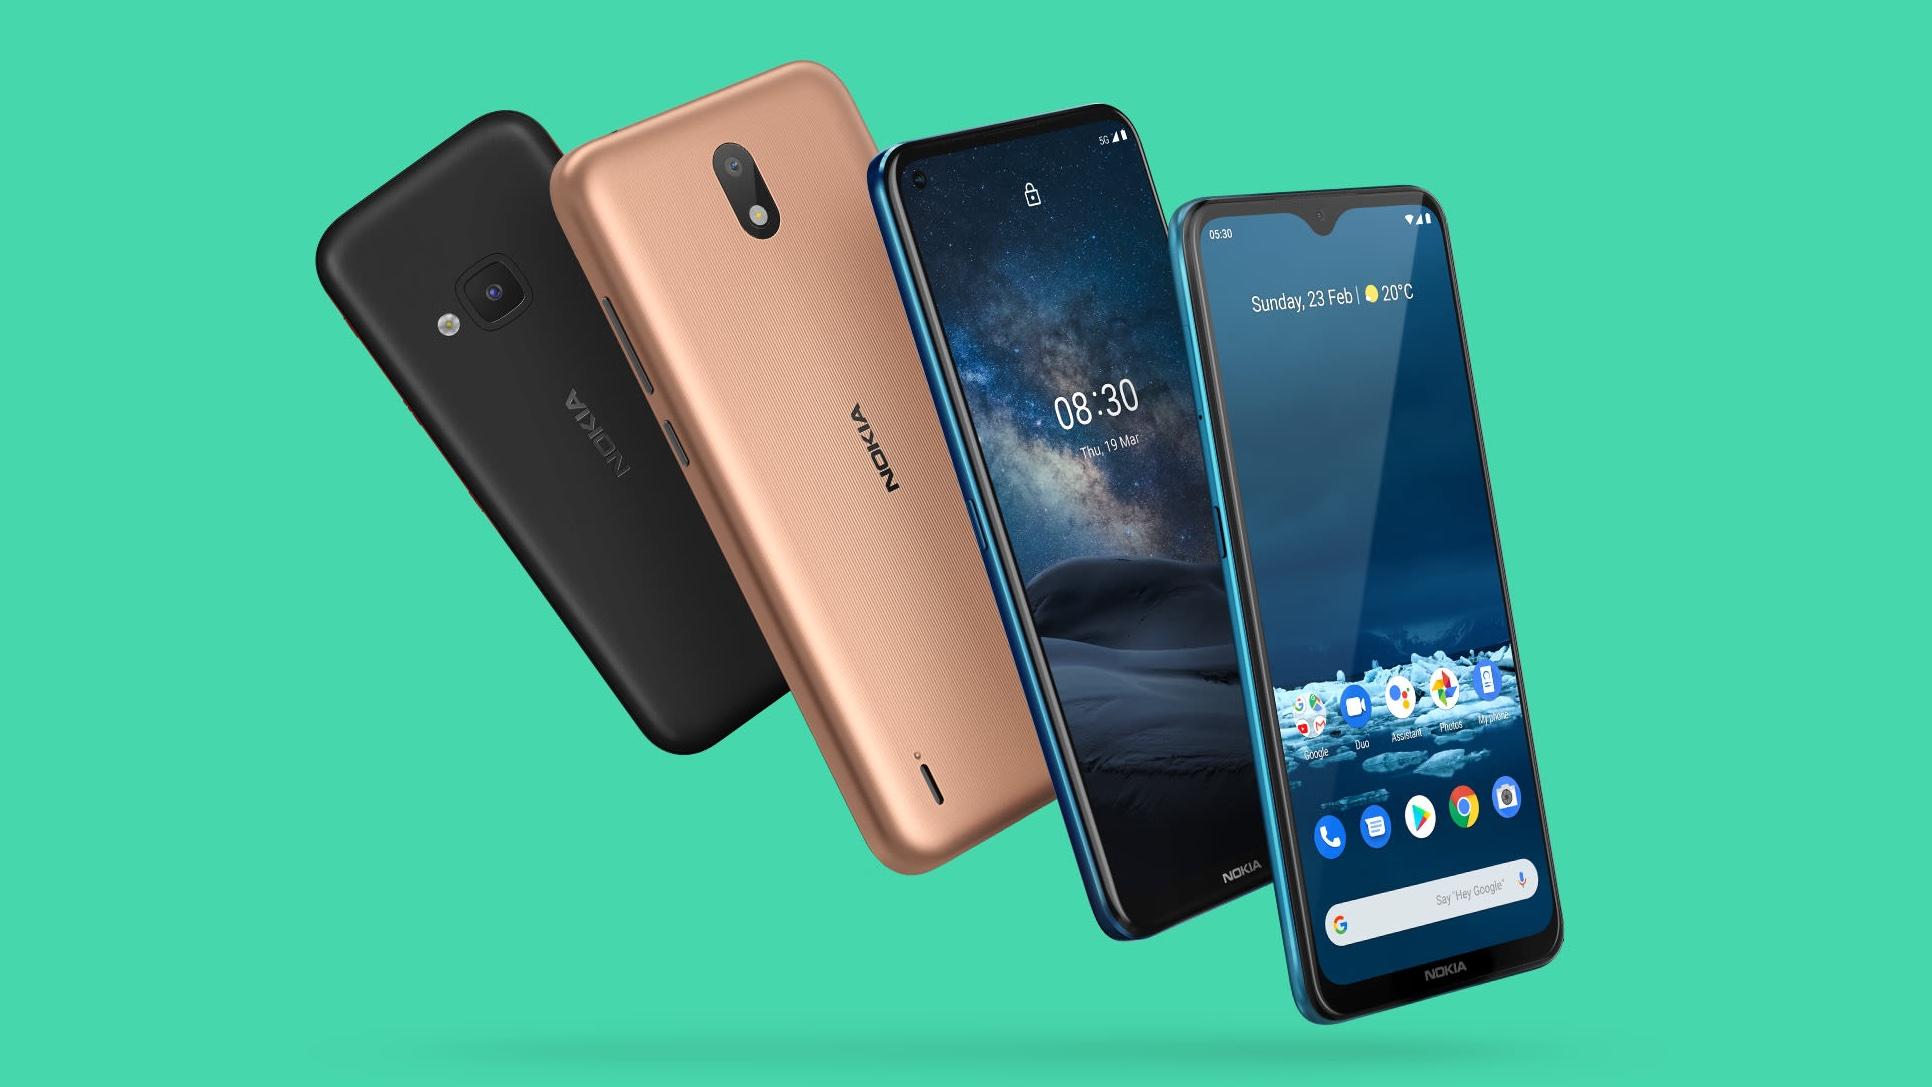 Novos aparelhos Nokia lançados em 2020